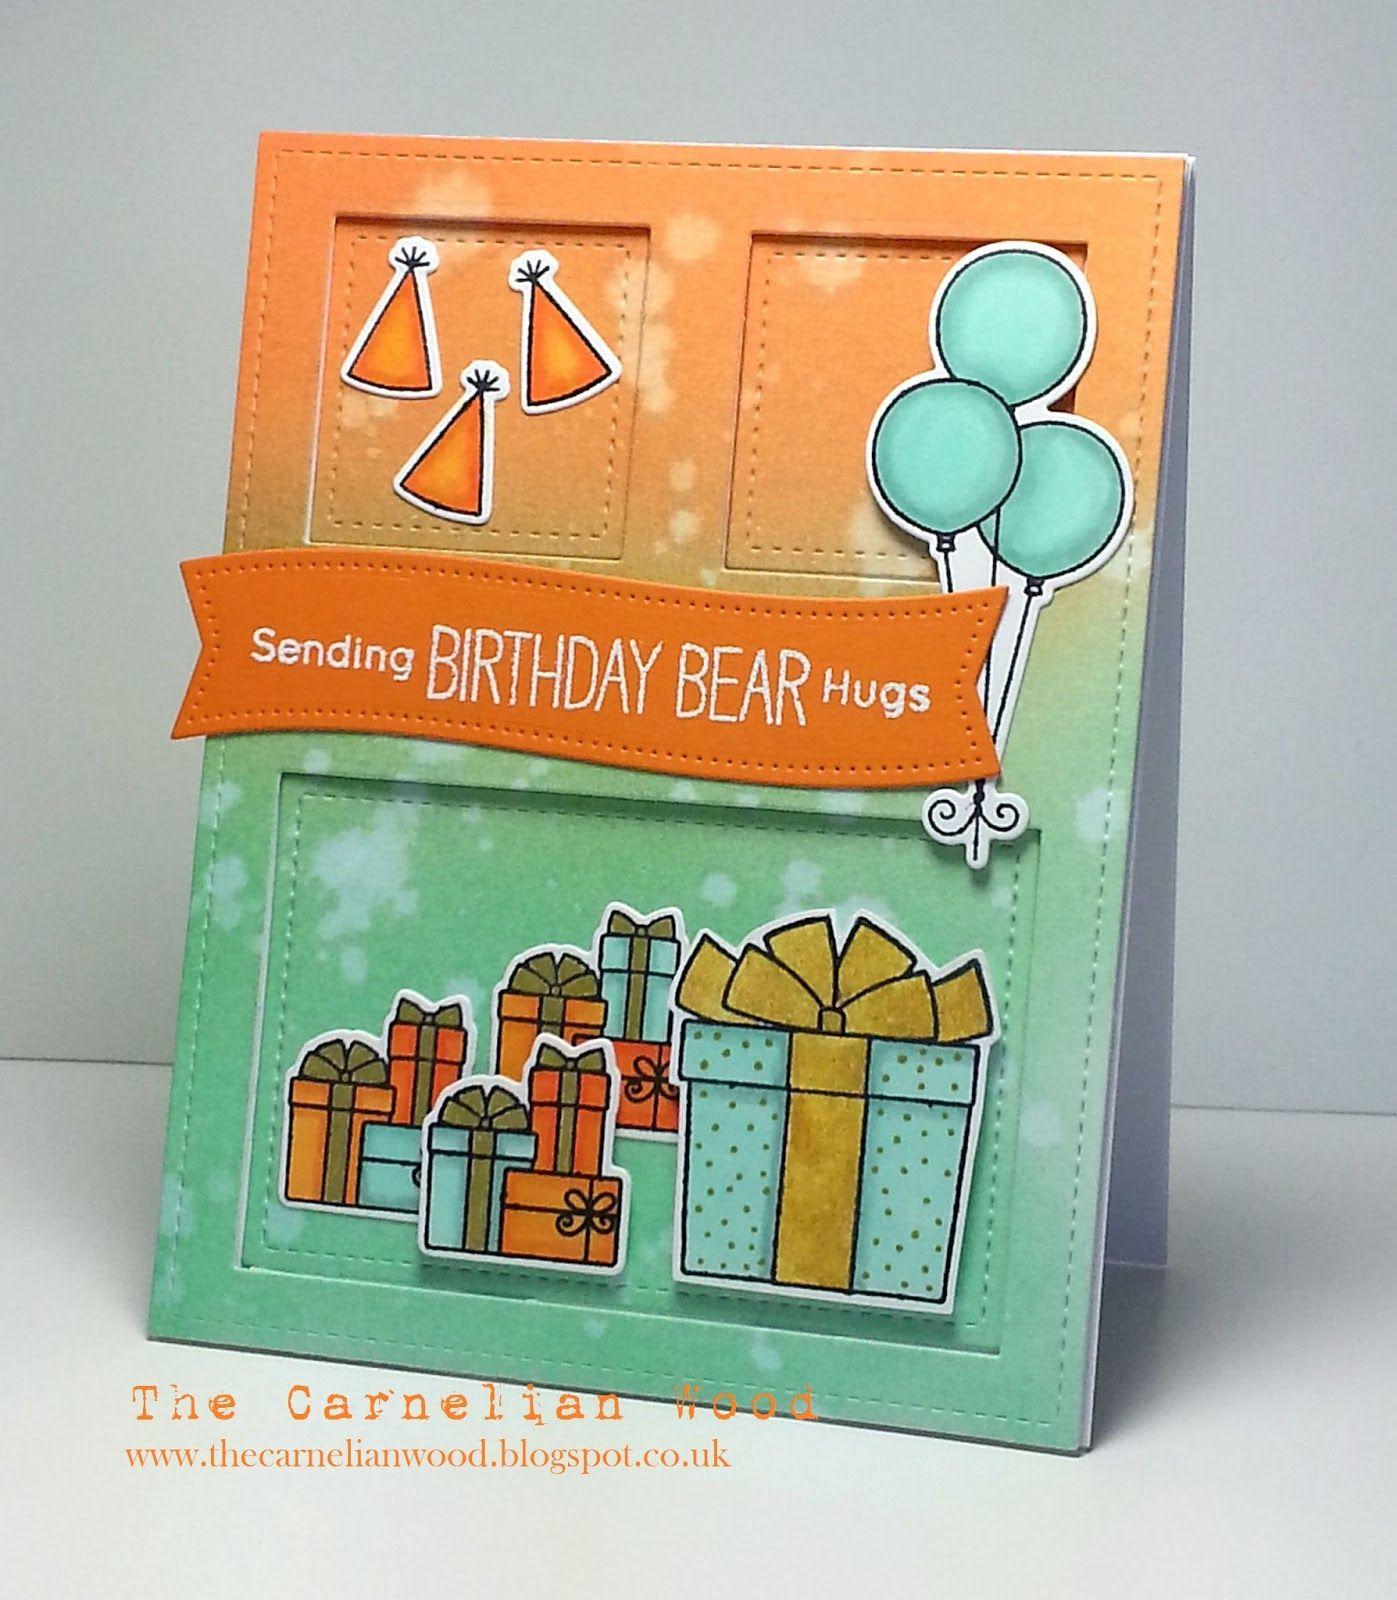 The carnelian wood birthday bear card mft bearthday pinterest